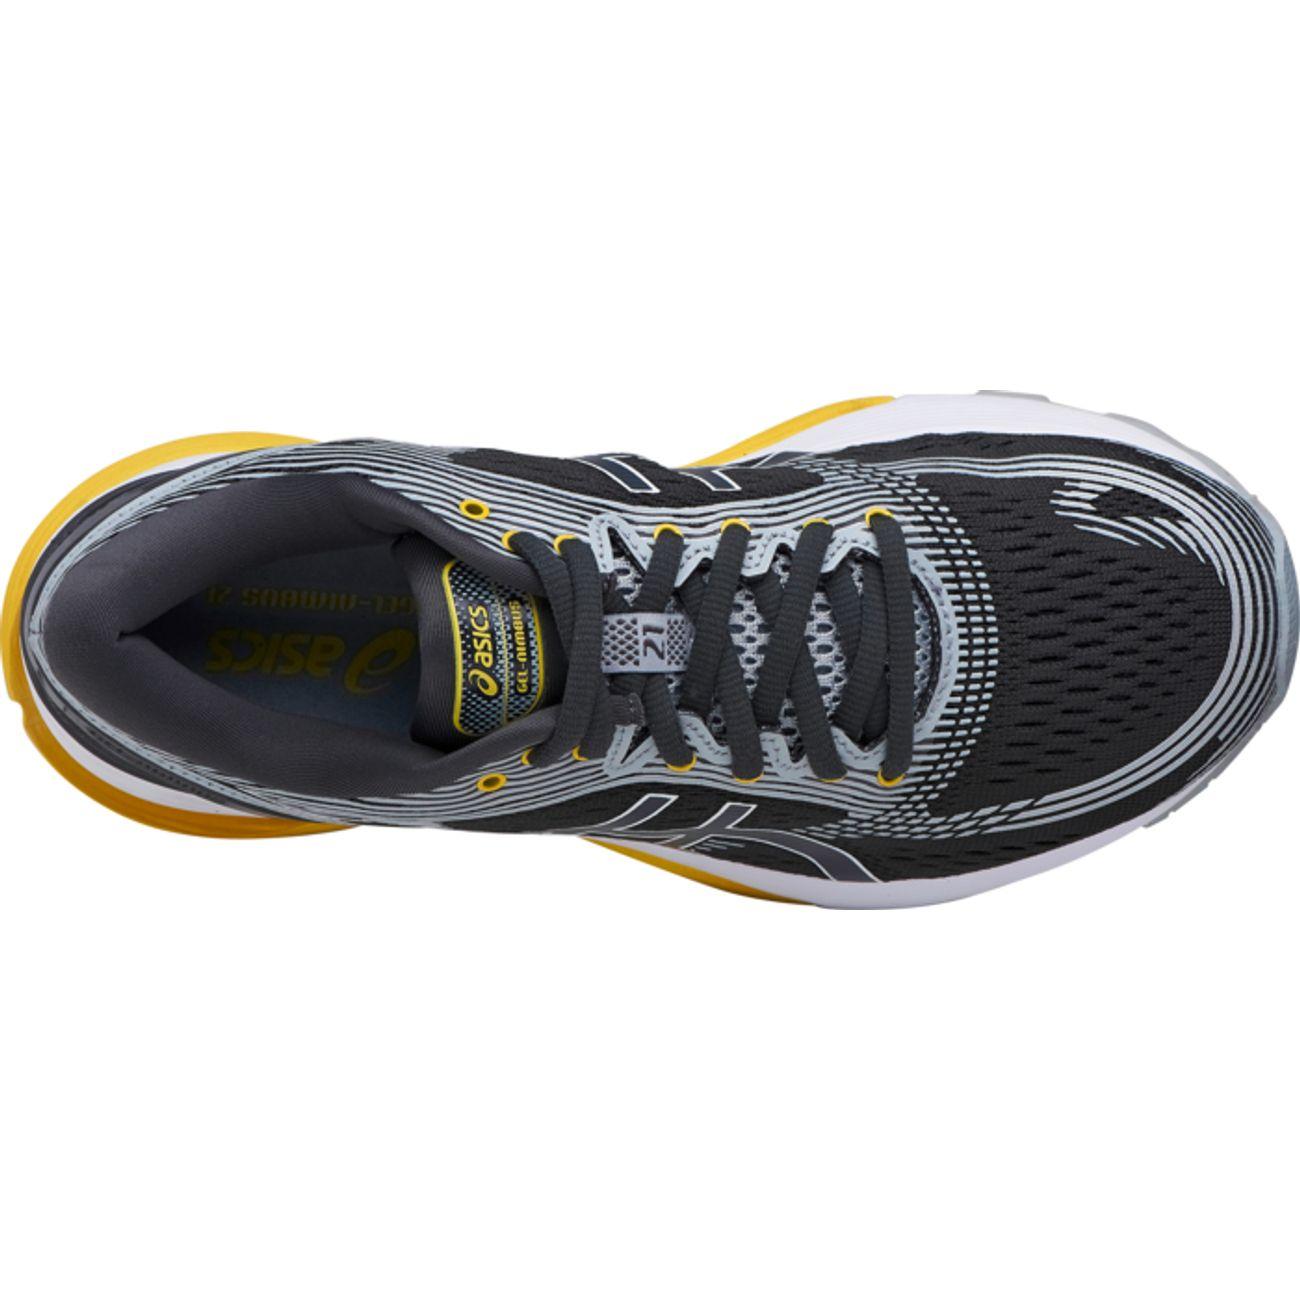 21 Chaussures Basses Asics Running Femme Nimbus Gel 3A5Rjq4L